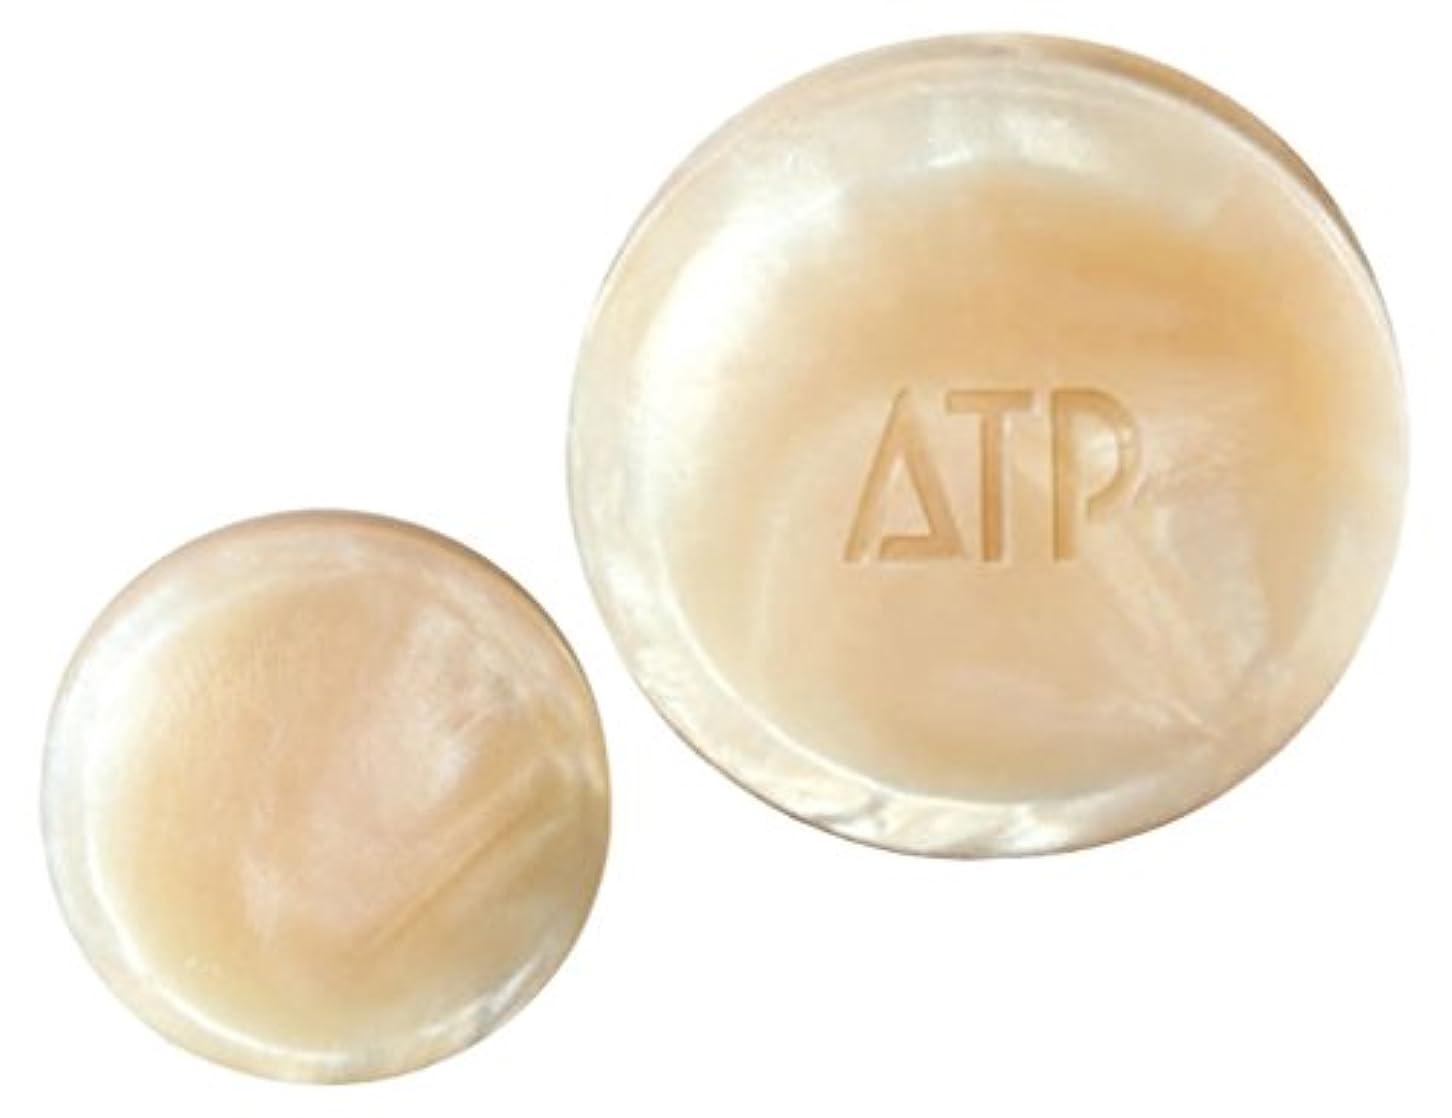 劣る移動マトン薬用ATP デリケアソープ 30g (全身用洗浄石けん?枠練り) [医薬部外品]